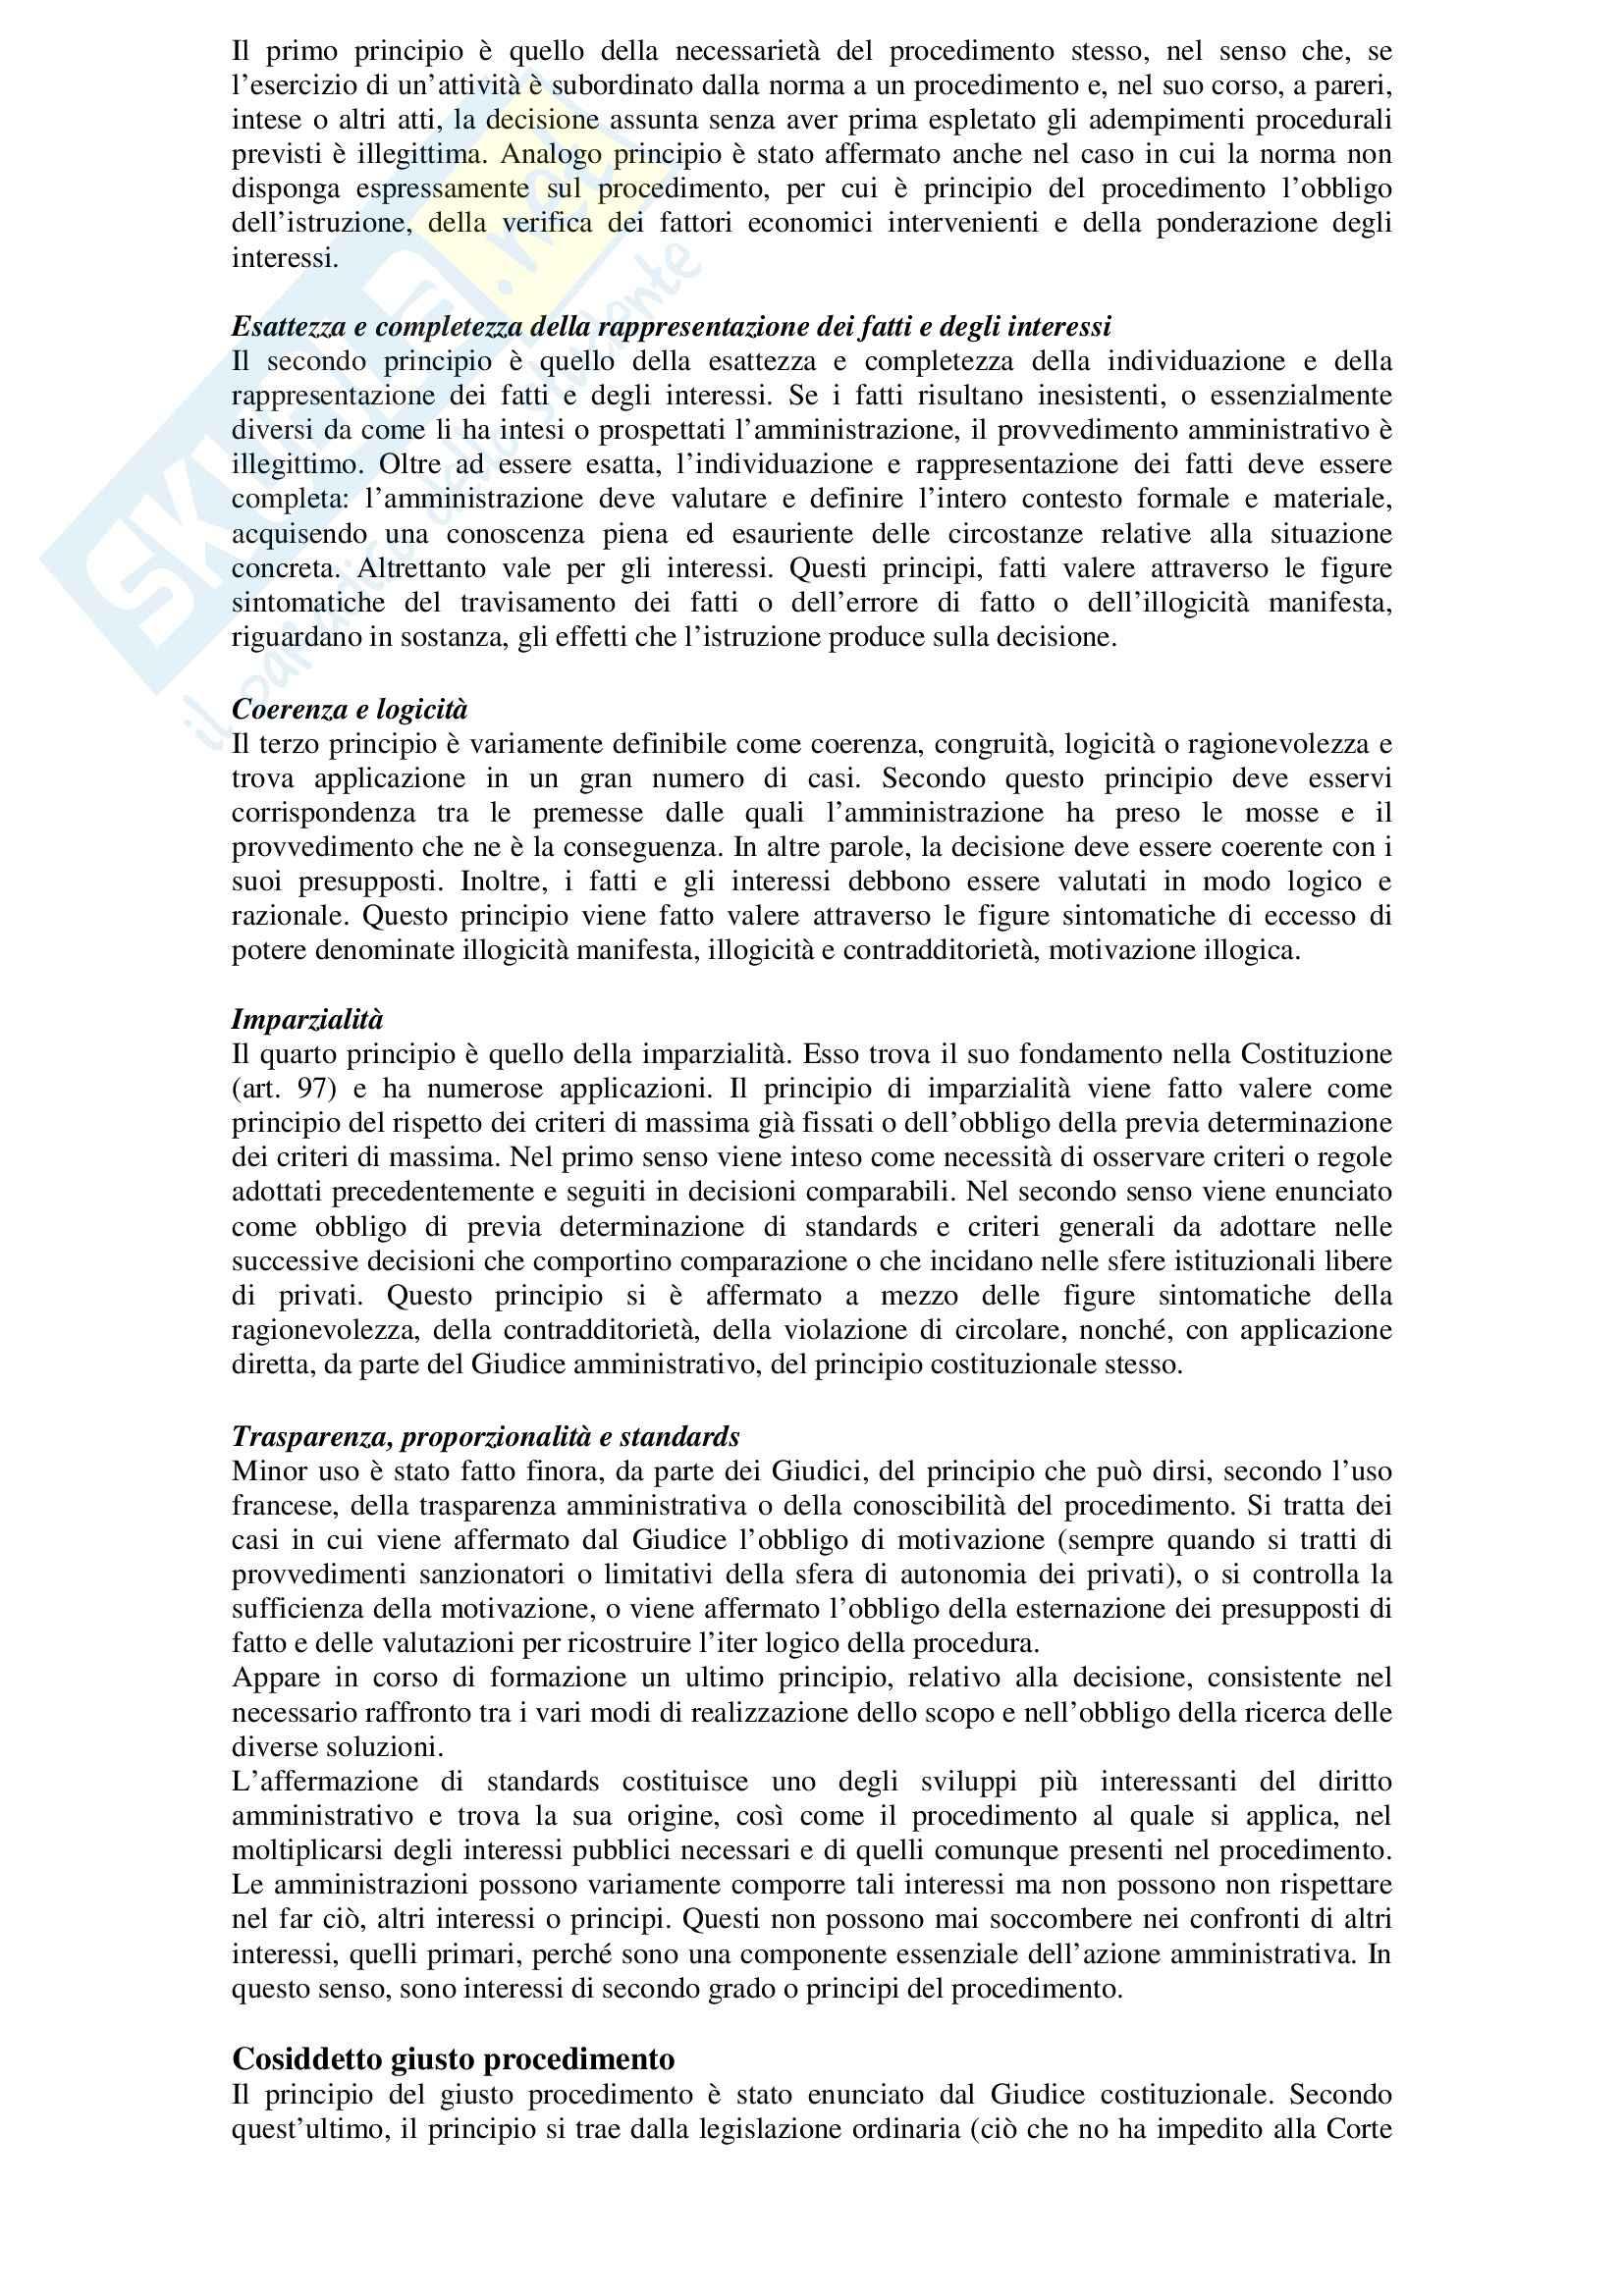 Diritto amministrativo - nozioni generali Pag. 21